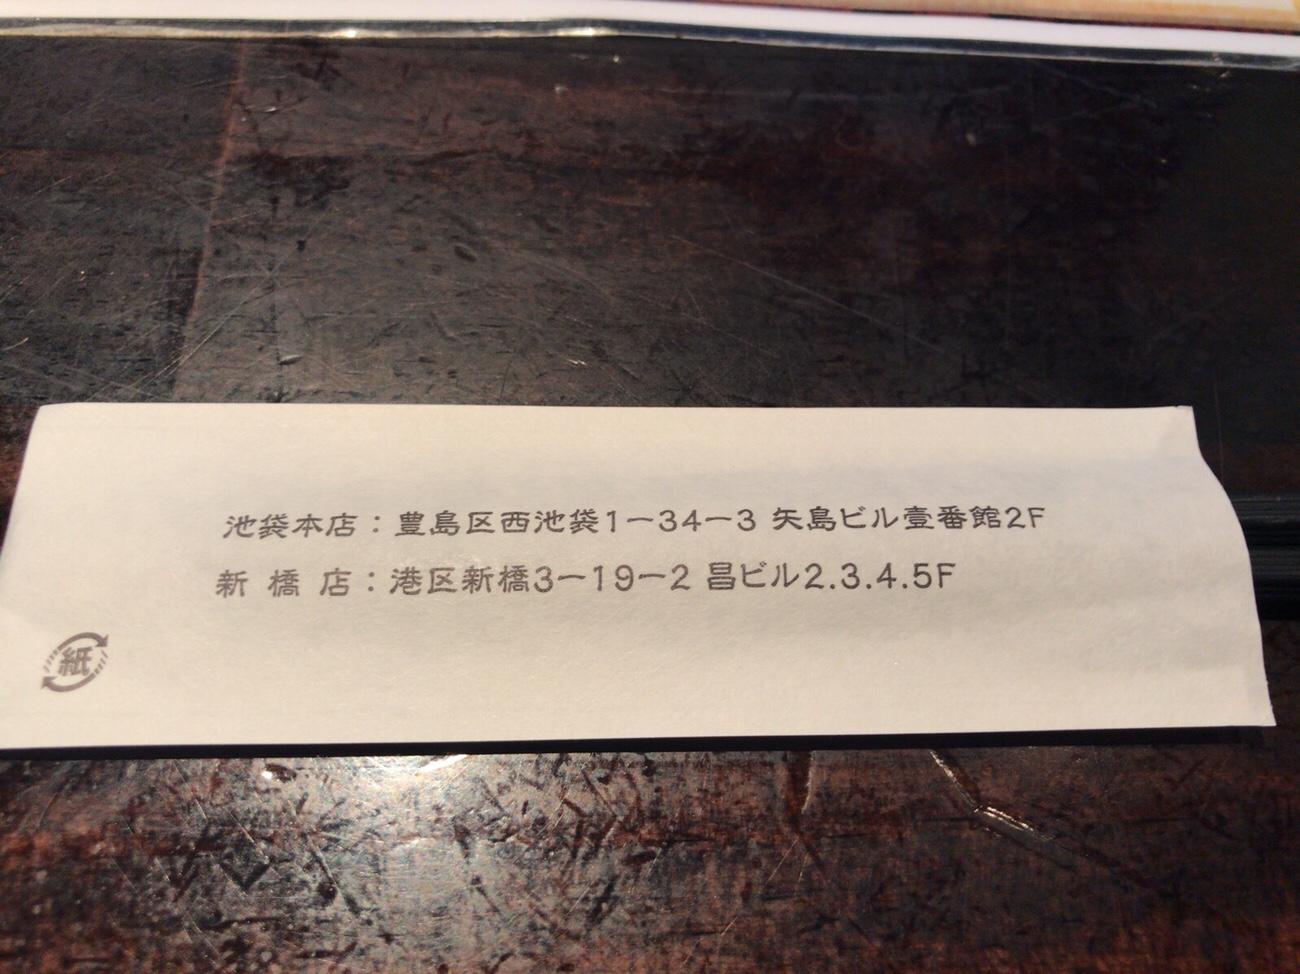 激辛料理東京 品品香 池袋と新橋